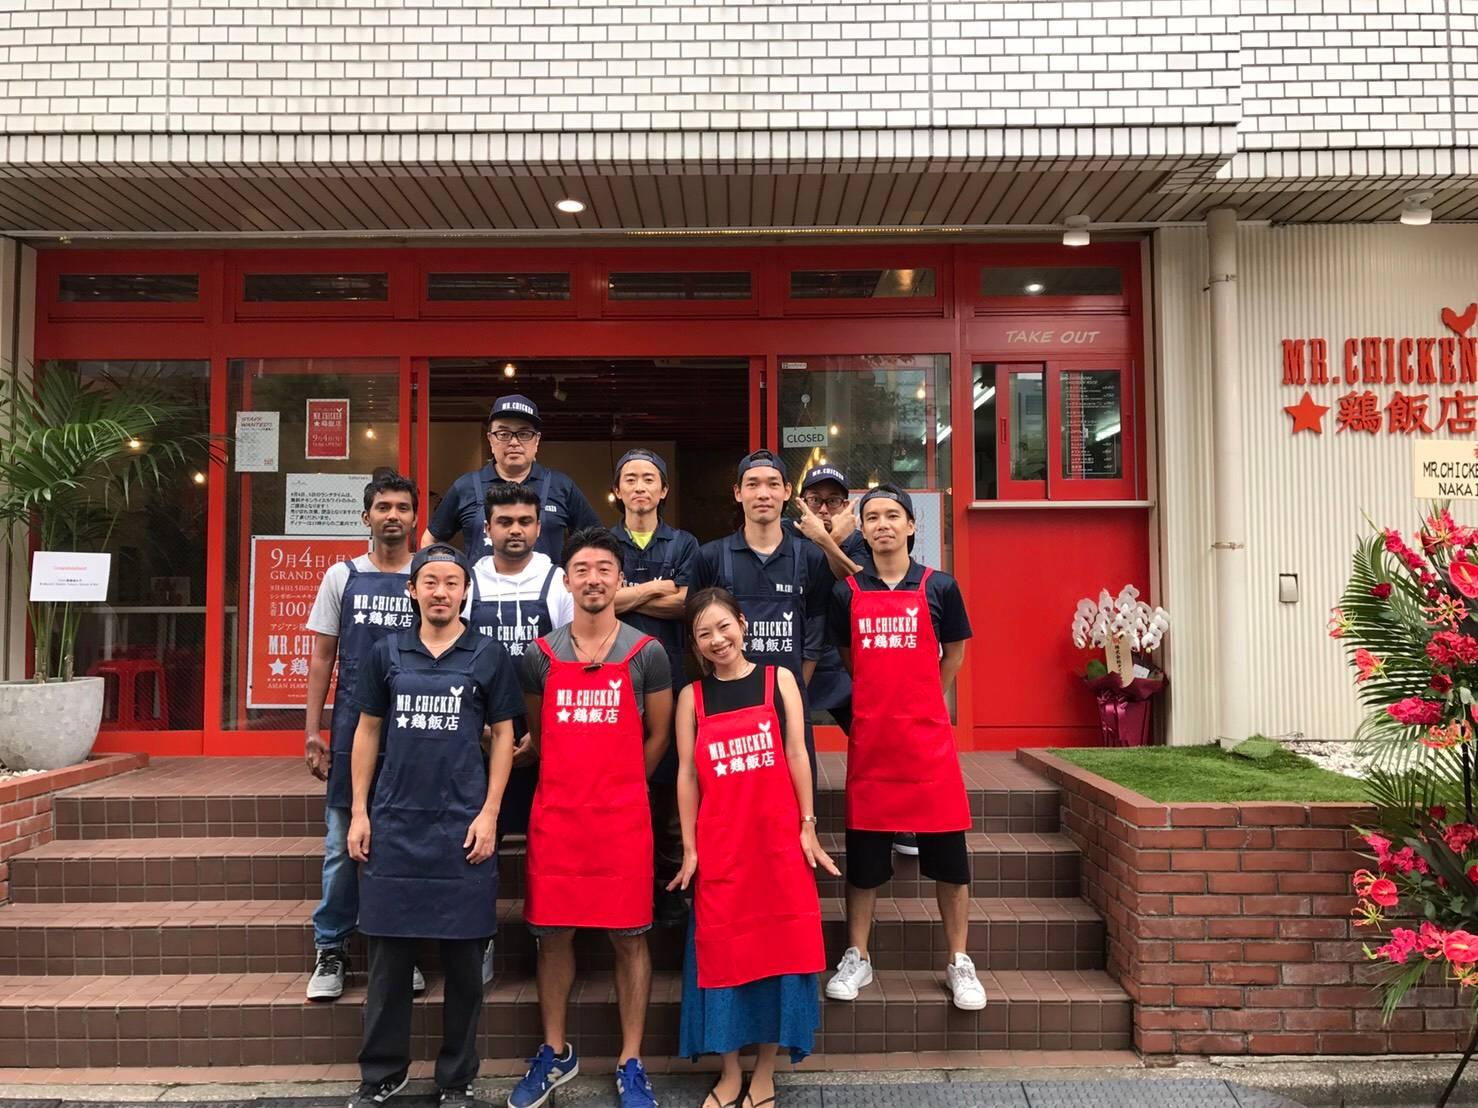 株式会社ファーラーキングス/Mr.Chicken鶏飯店